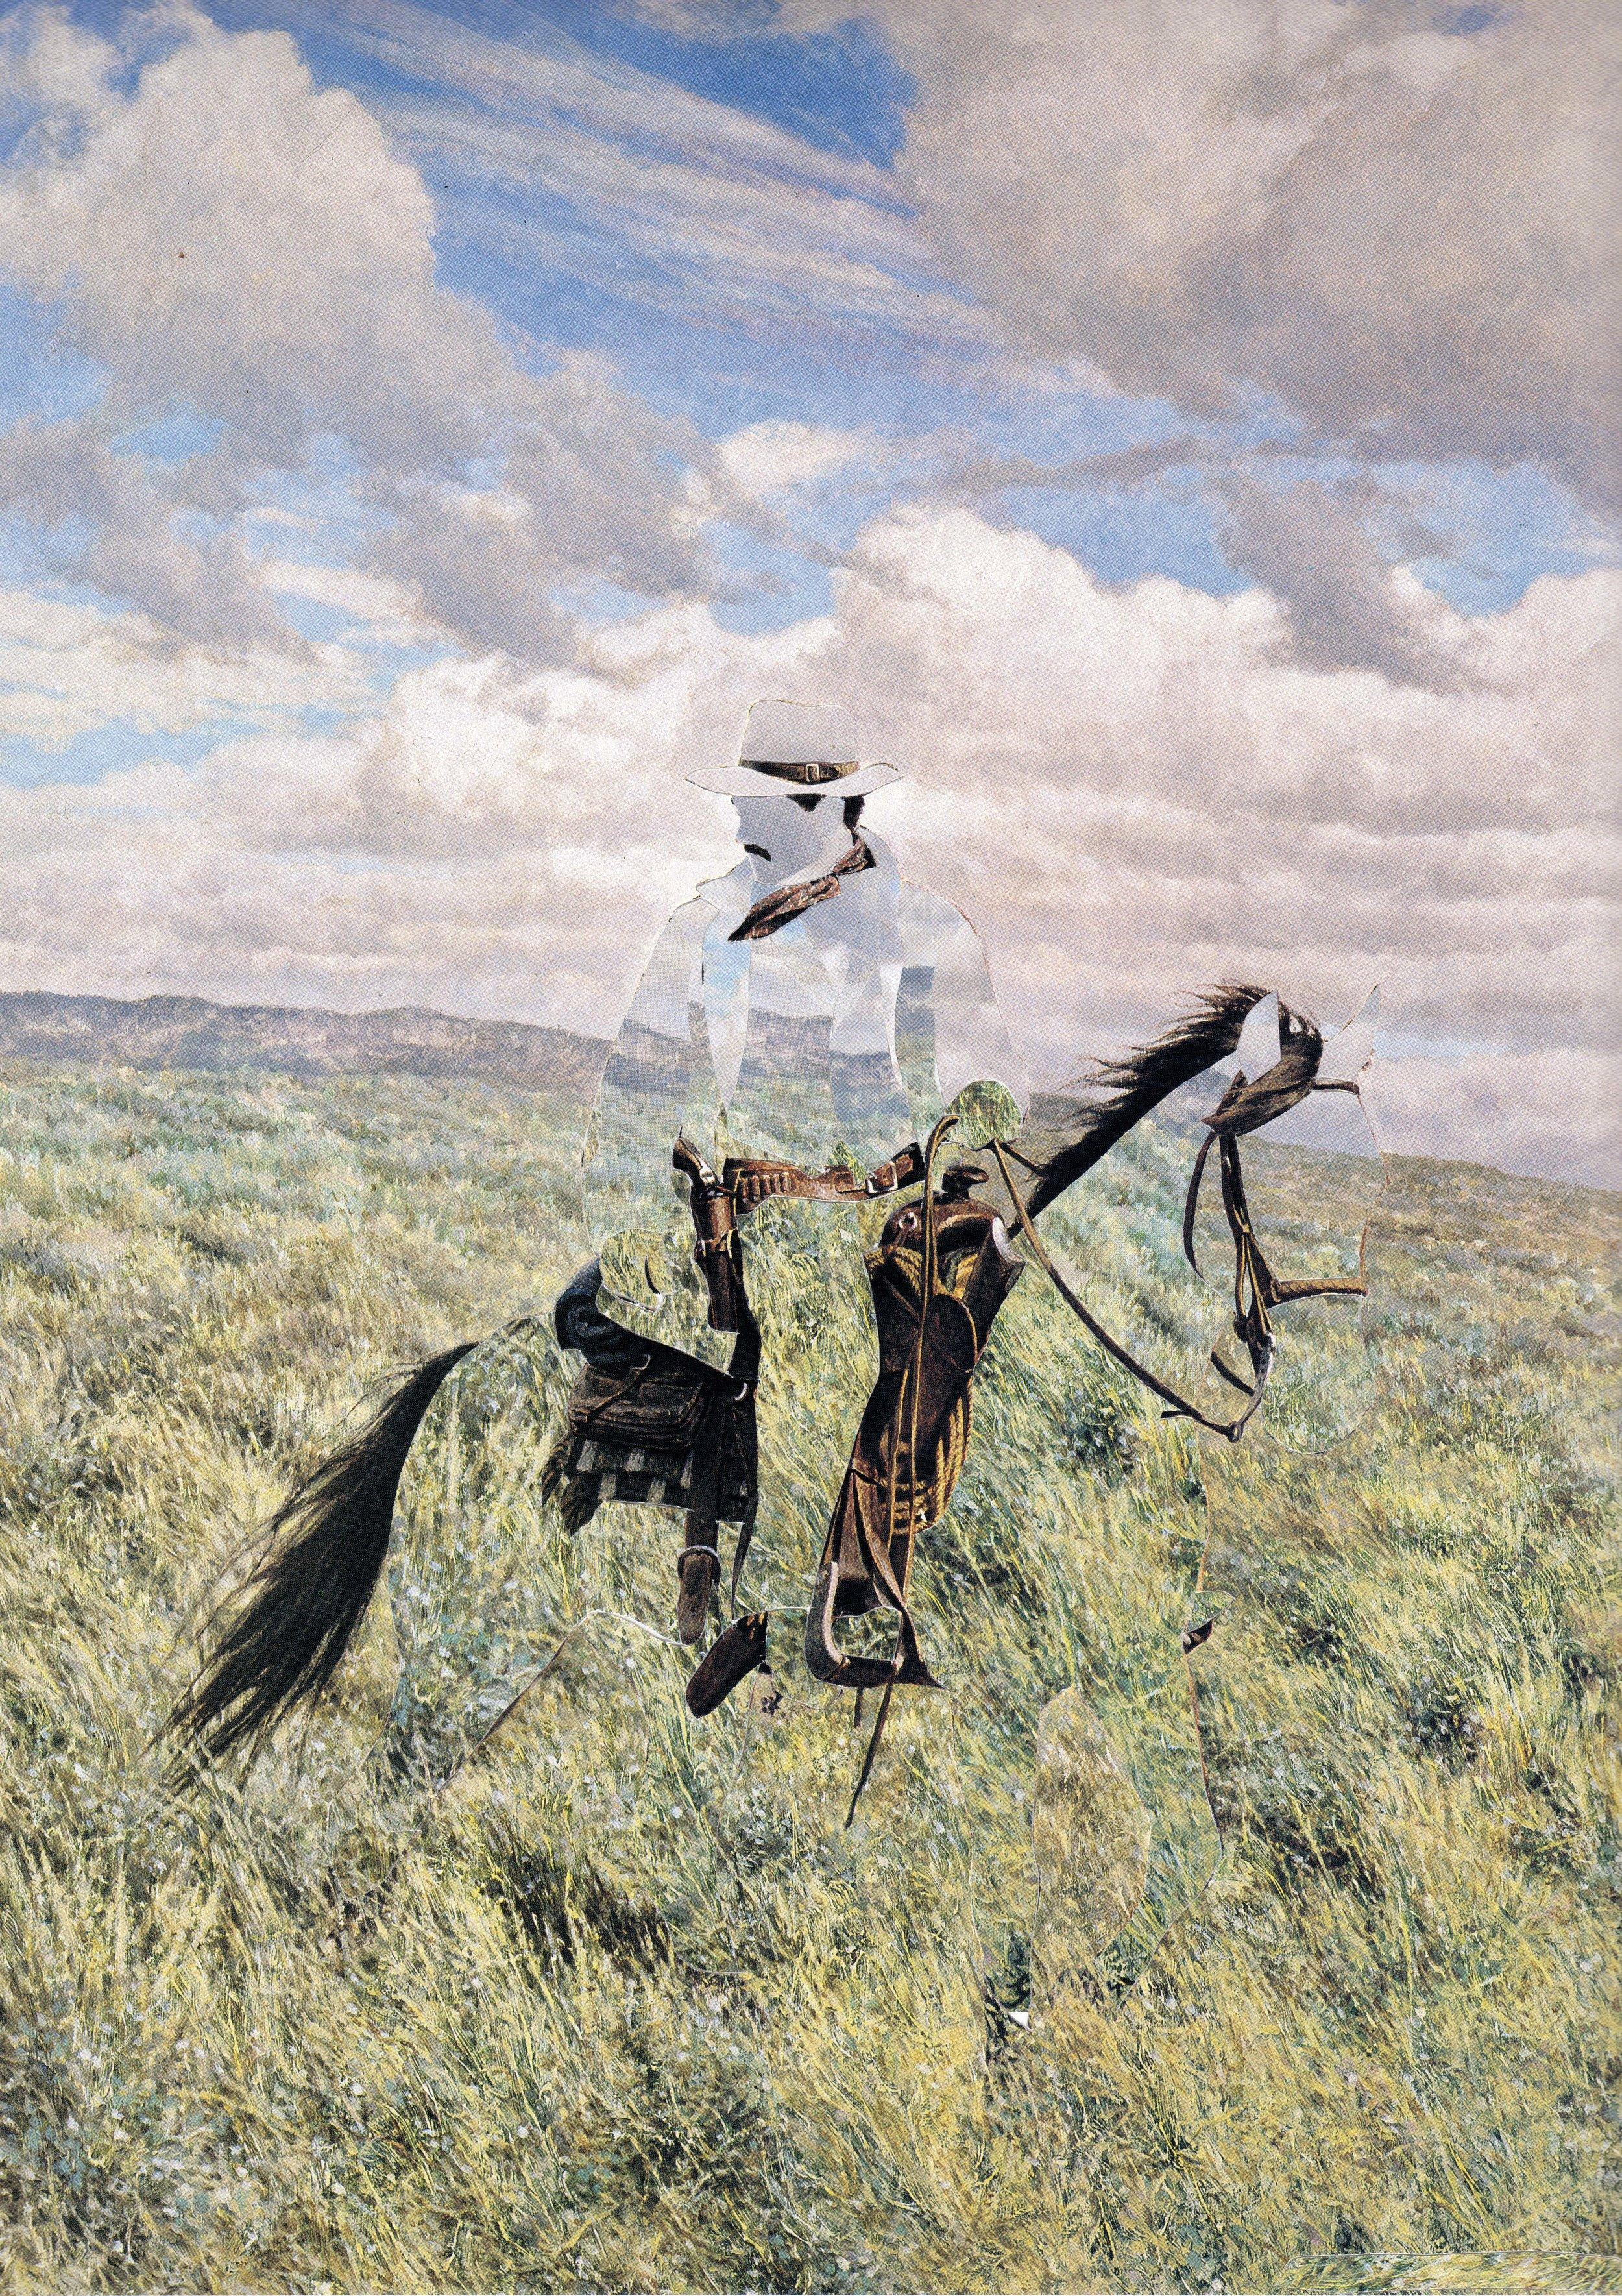 The Unknown Rider in Death Rides